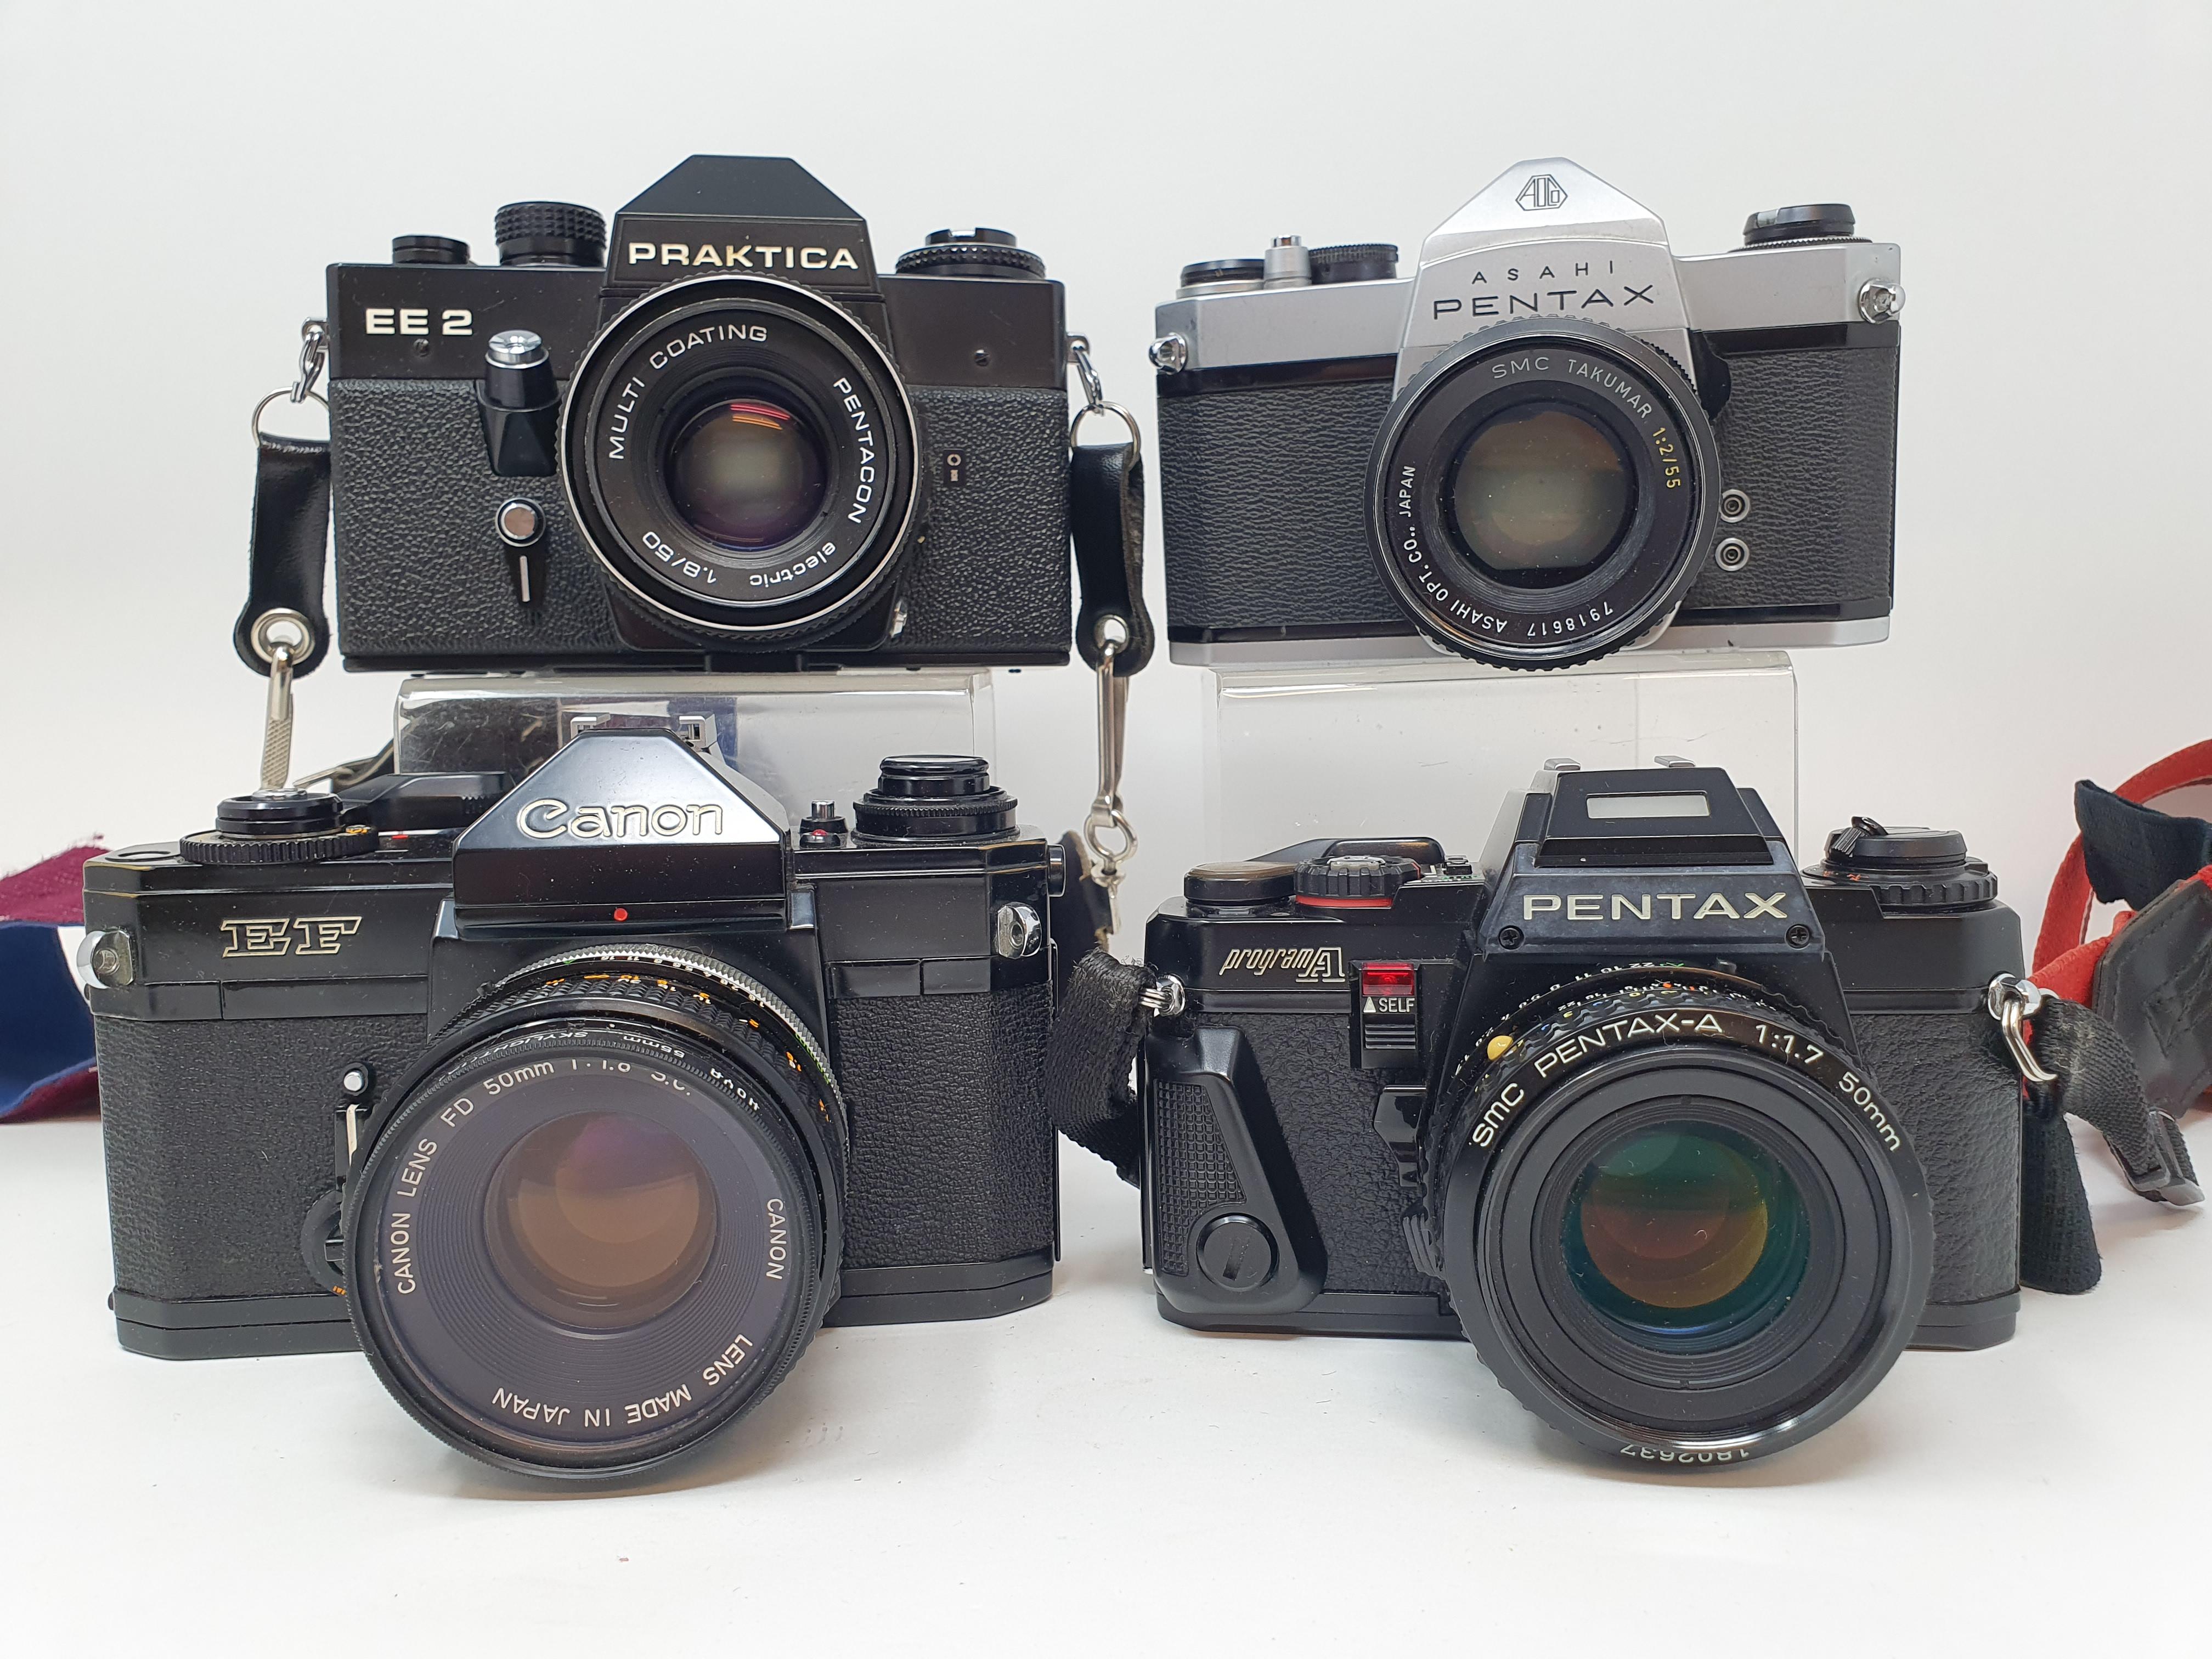 A Pentax Program A camera, Pentax SP 1000 camera, a Praktica EE 2, and a Canon EF camera (4) - Image 2 of 4